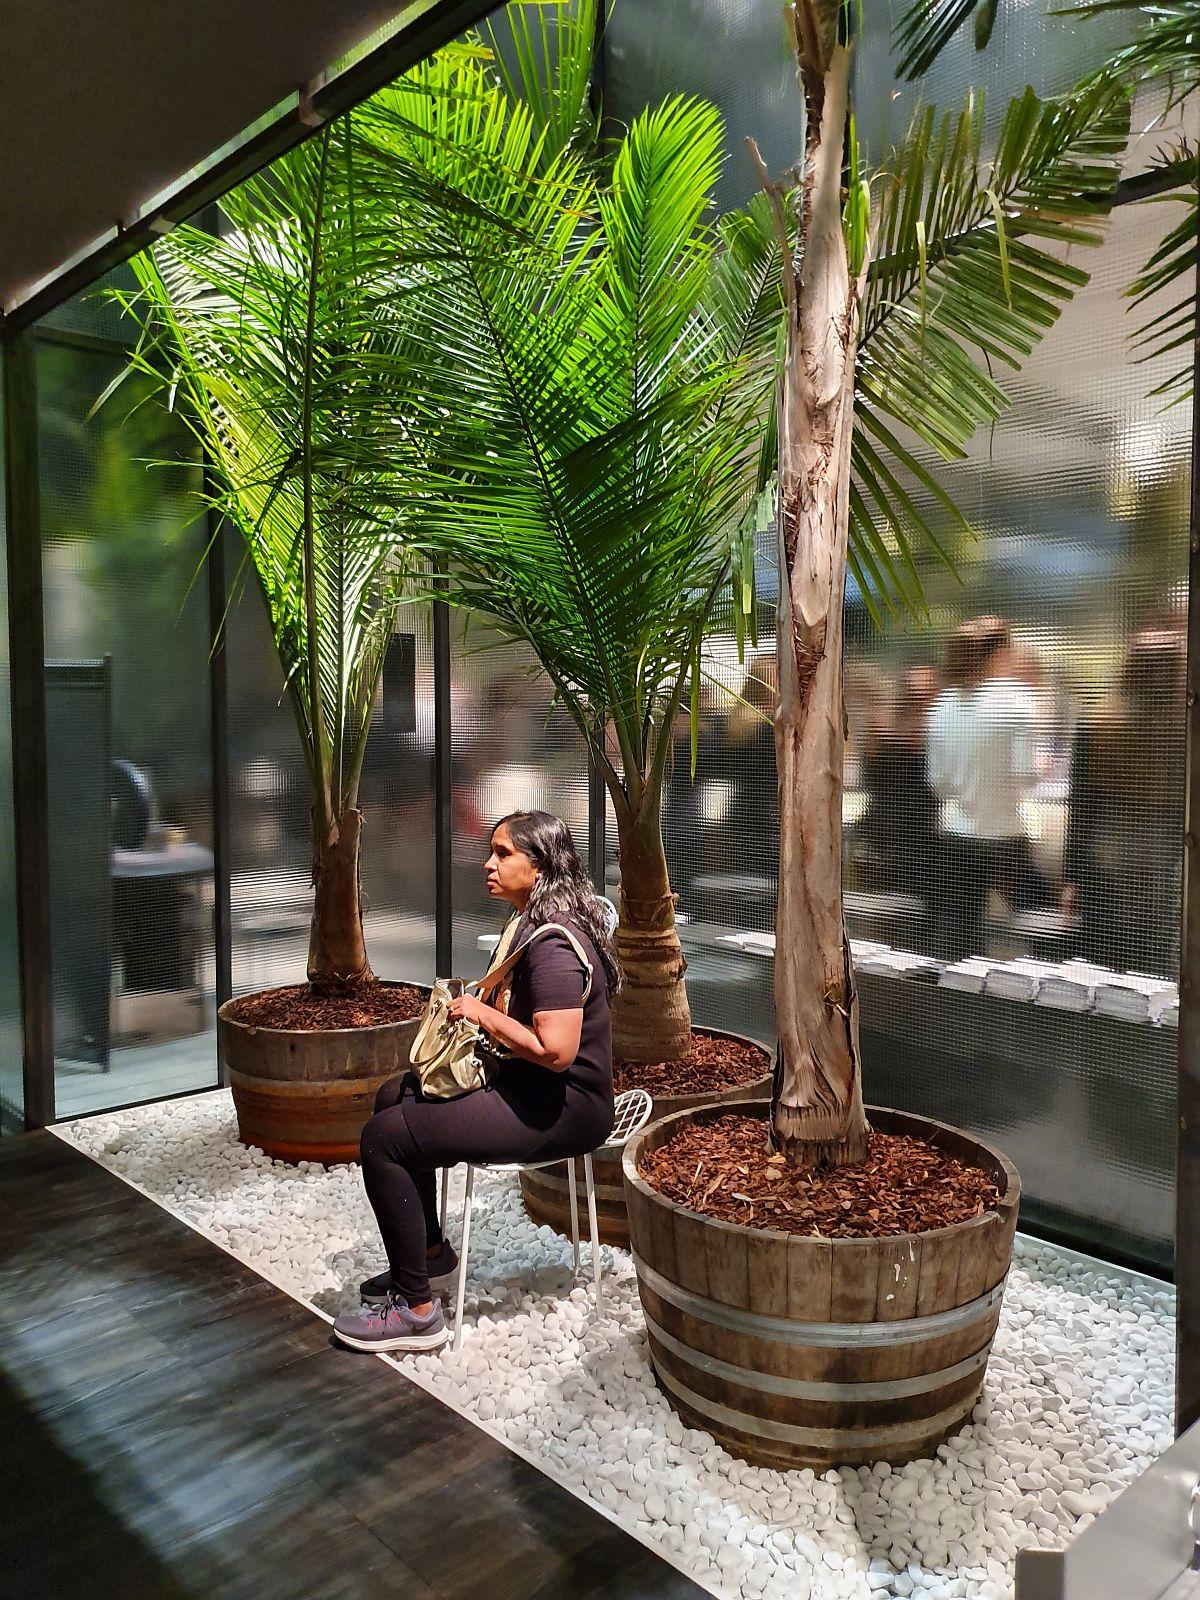 Da, plante imense care te făceau să uiți că ești într-un pavilion expozițional și care te invitau să te relaxezi, să te așezi, să observi. O stare de bine pe care plantele au dat-o multor oameni.